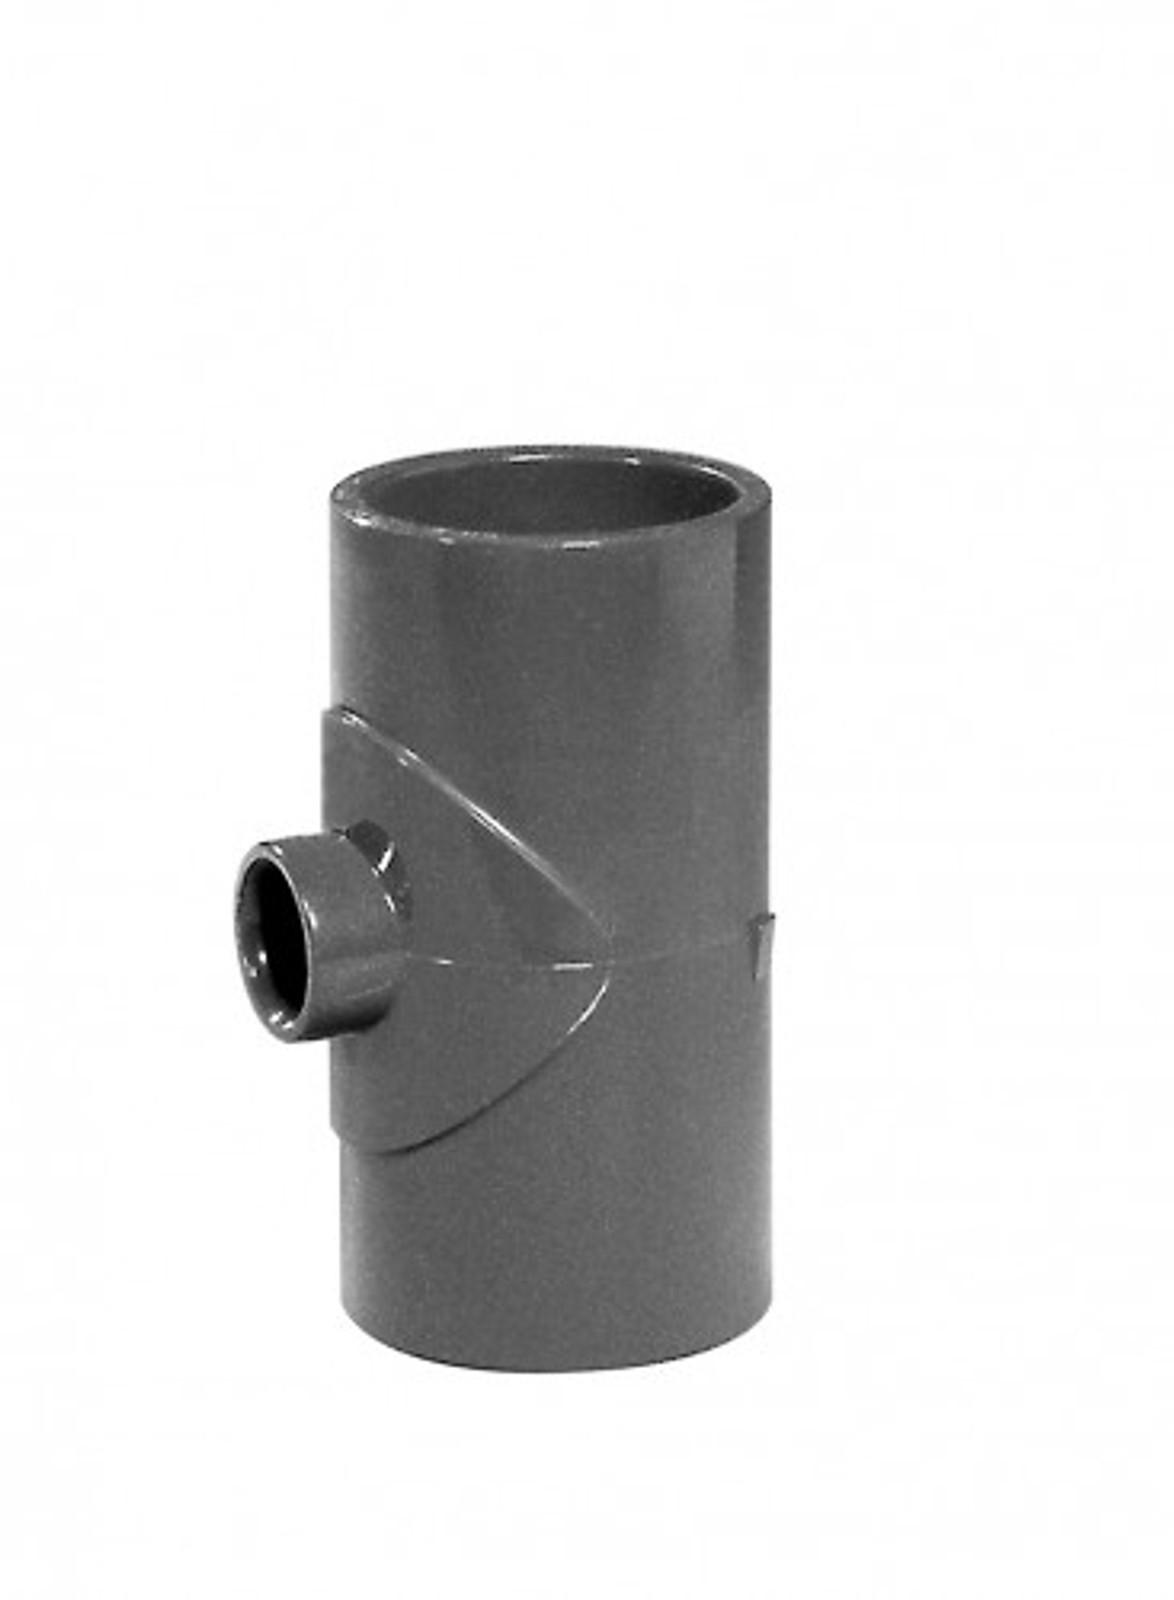 T-Stück 90°reduziert 110 x 50 x 110 mm aus PVC